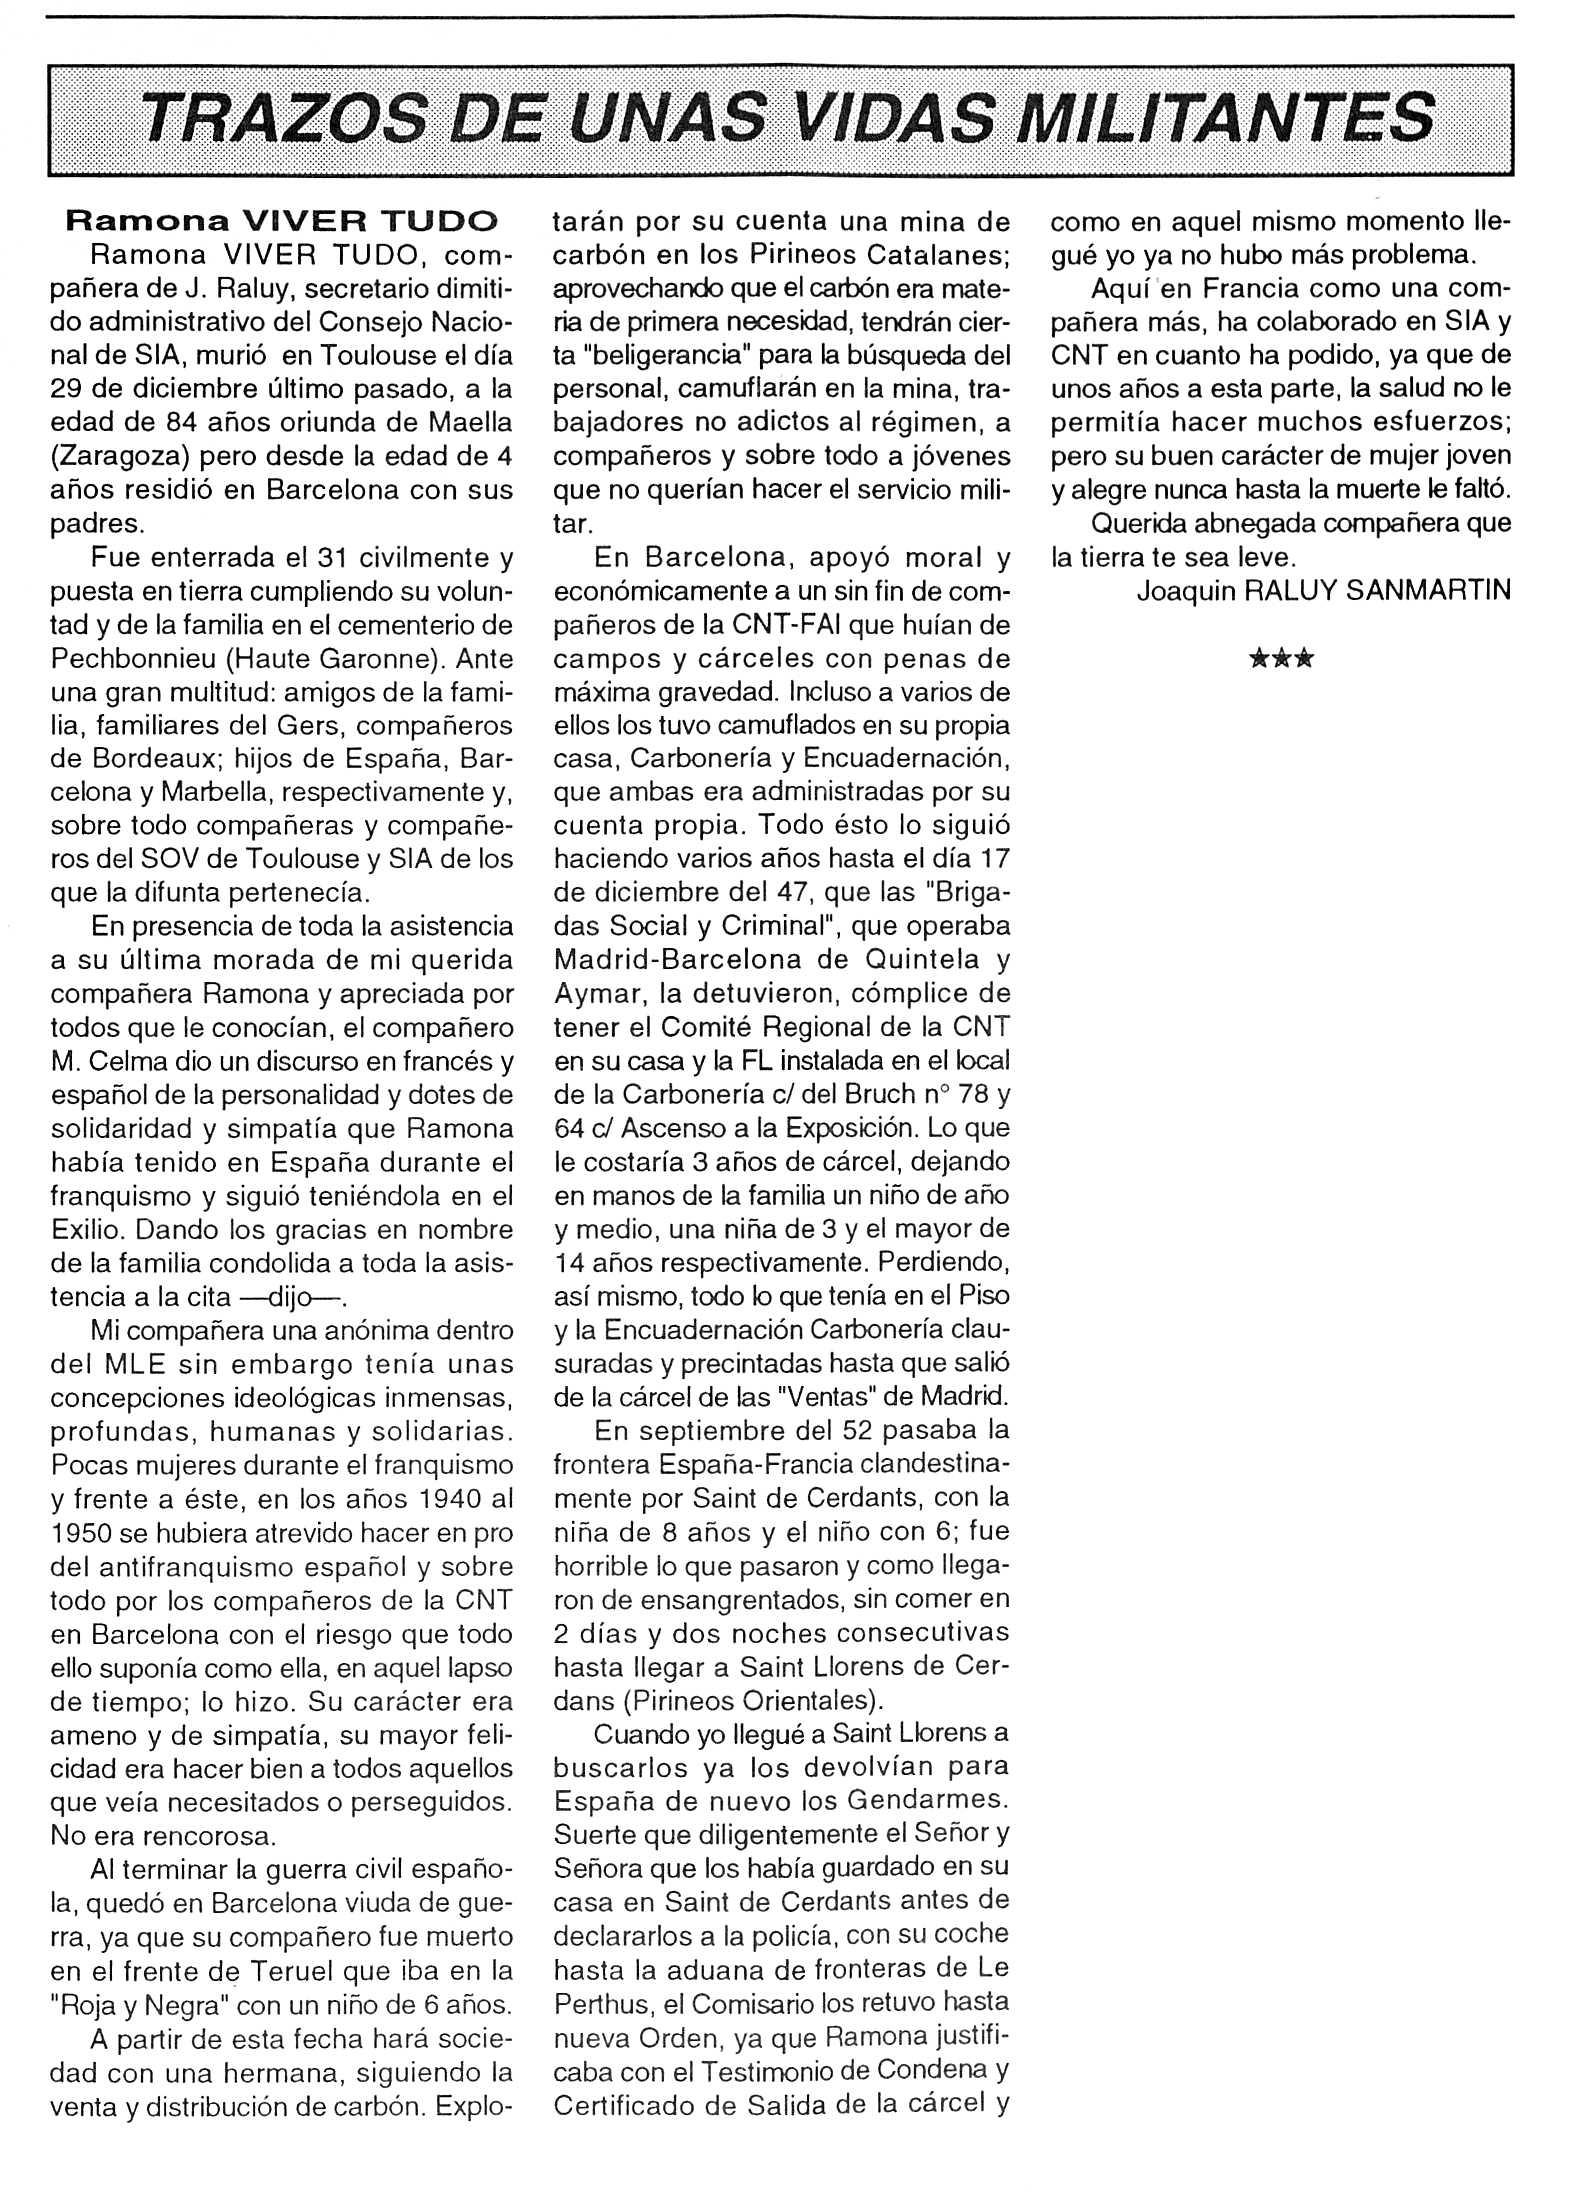 """Necrològica de Ramona Viver Tudó apareguda en el periòdic tolosà """"Cenit"""" del 9 de febrer de 1993"""